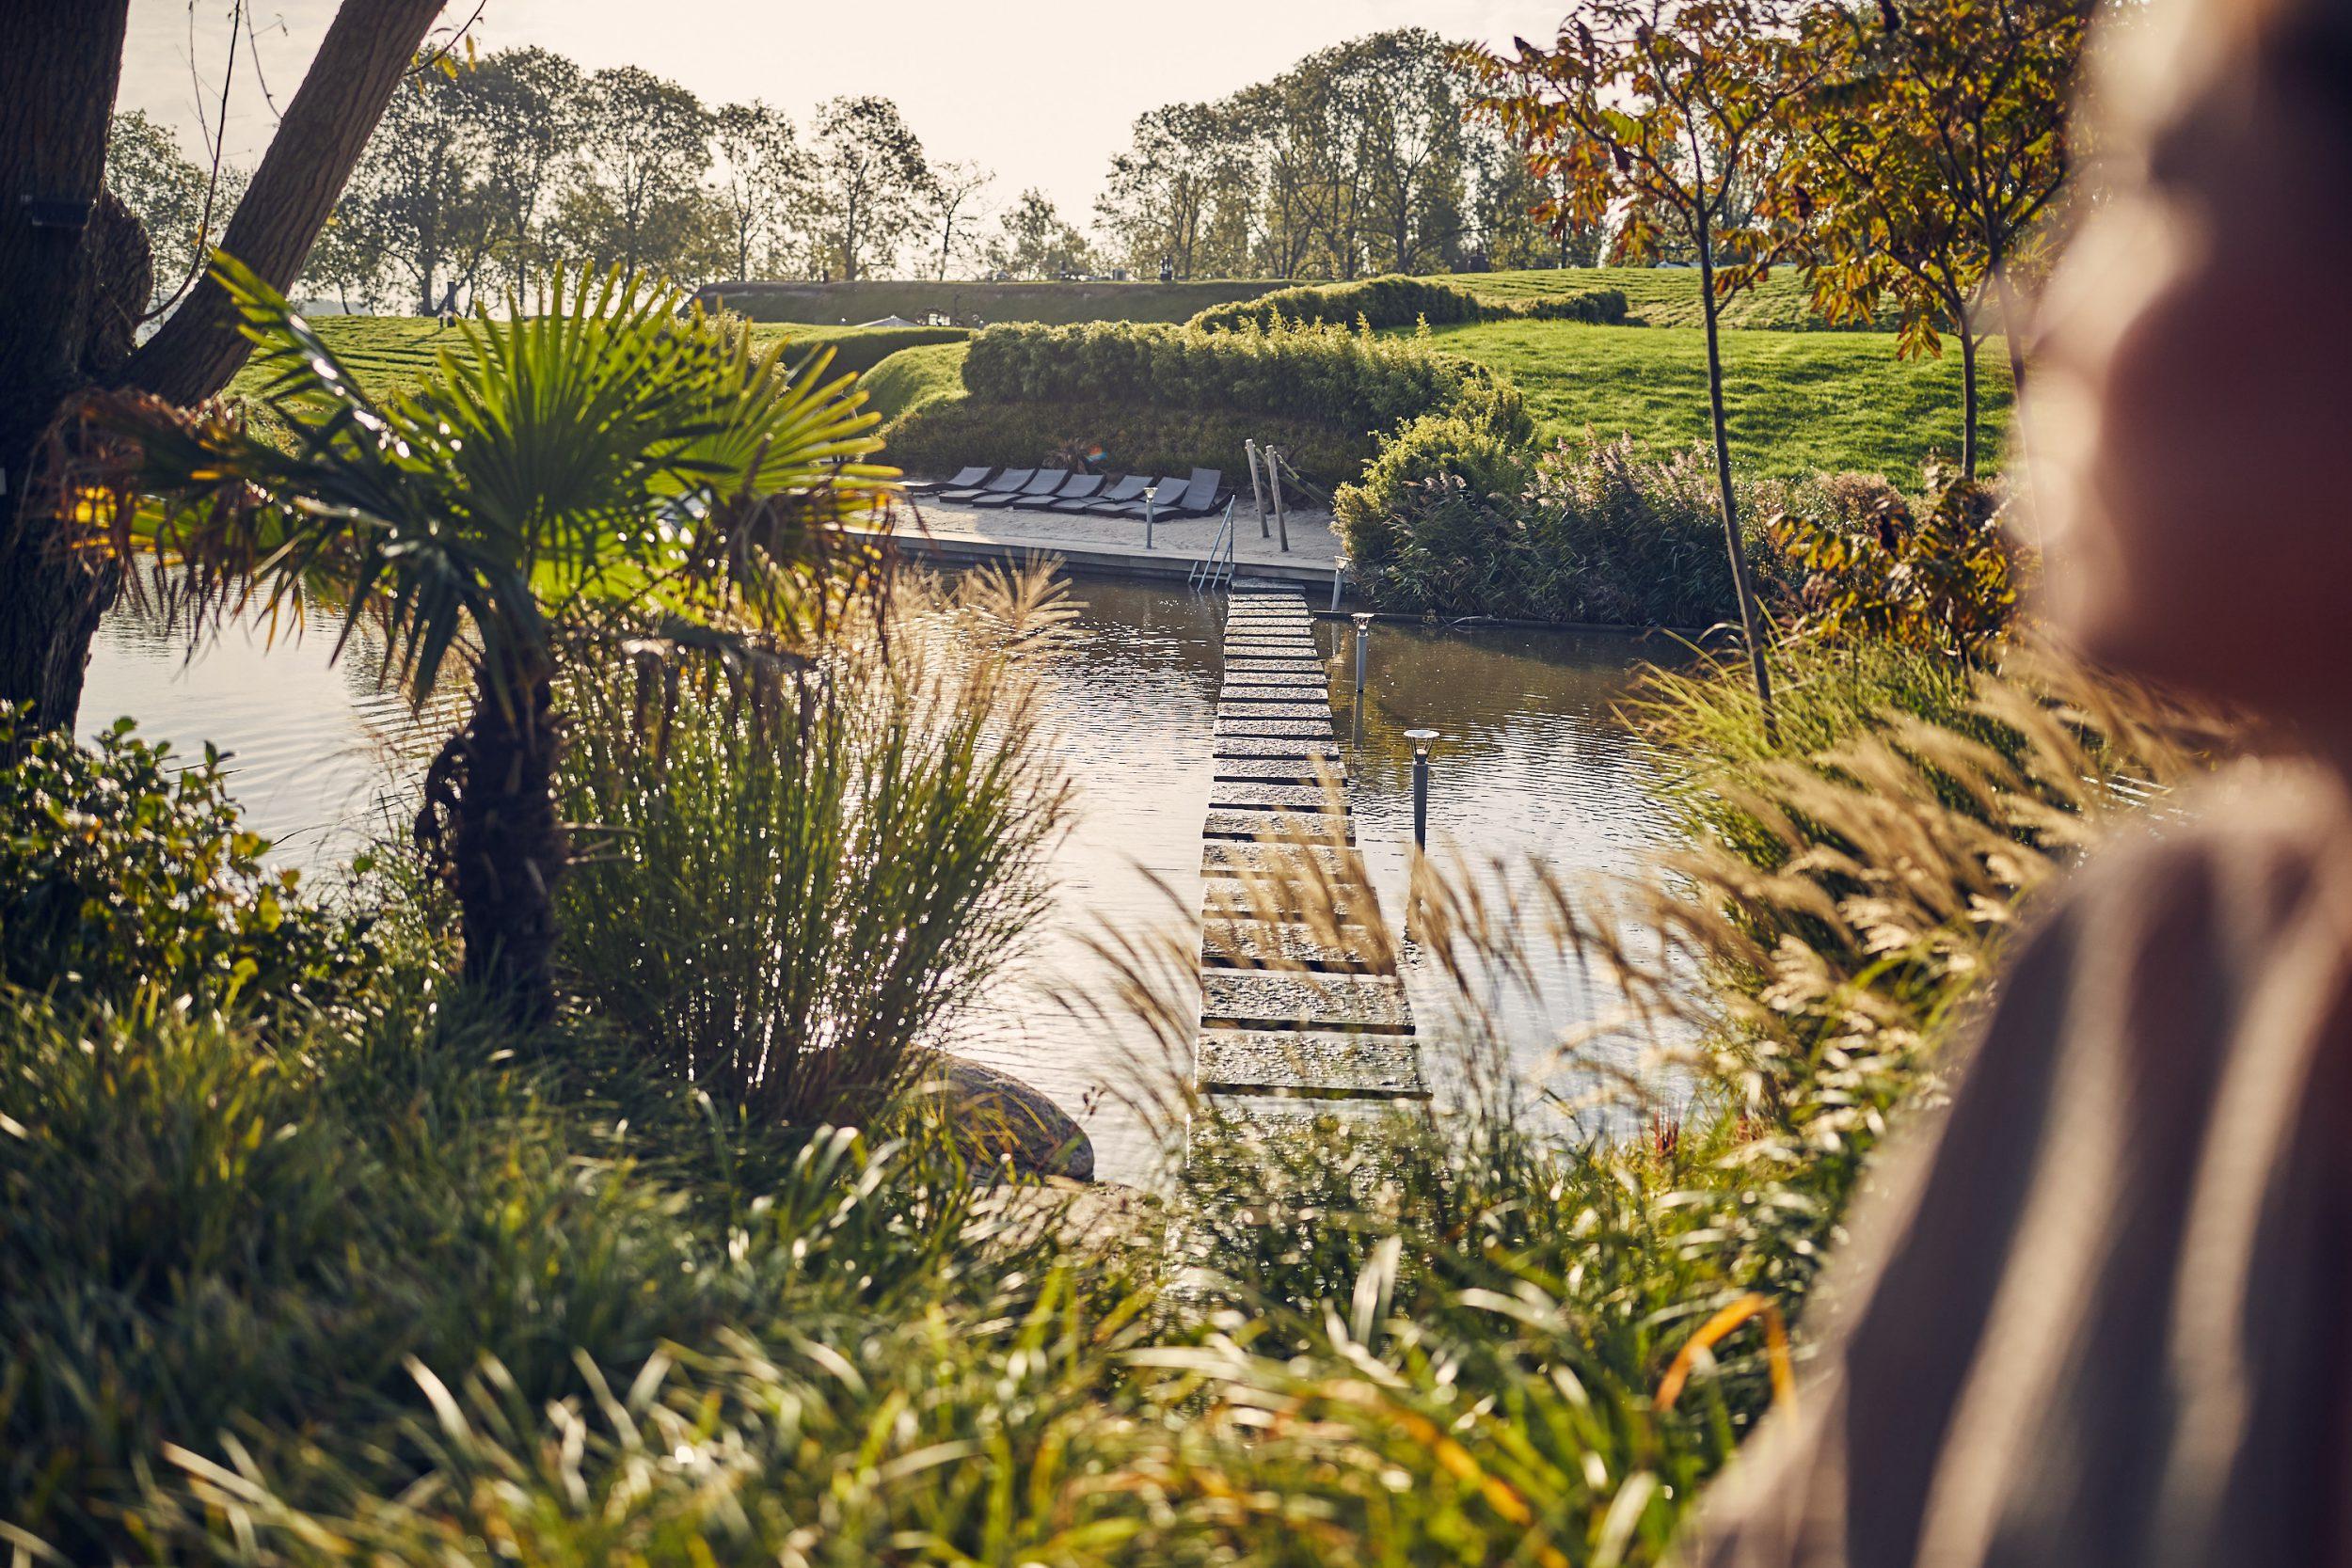 De tuin van Spa & Wellness Fort Resort Beemster heeft een prachtig uitzicht over de Fort gracht en het zandstrandje.